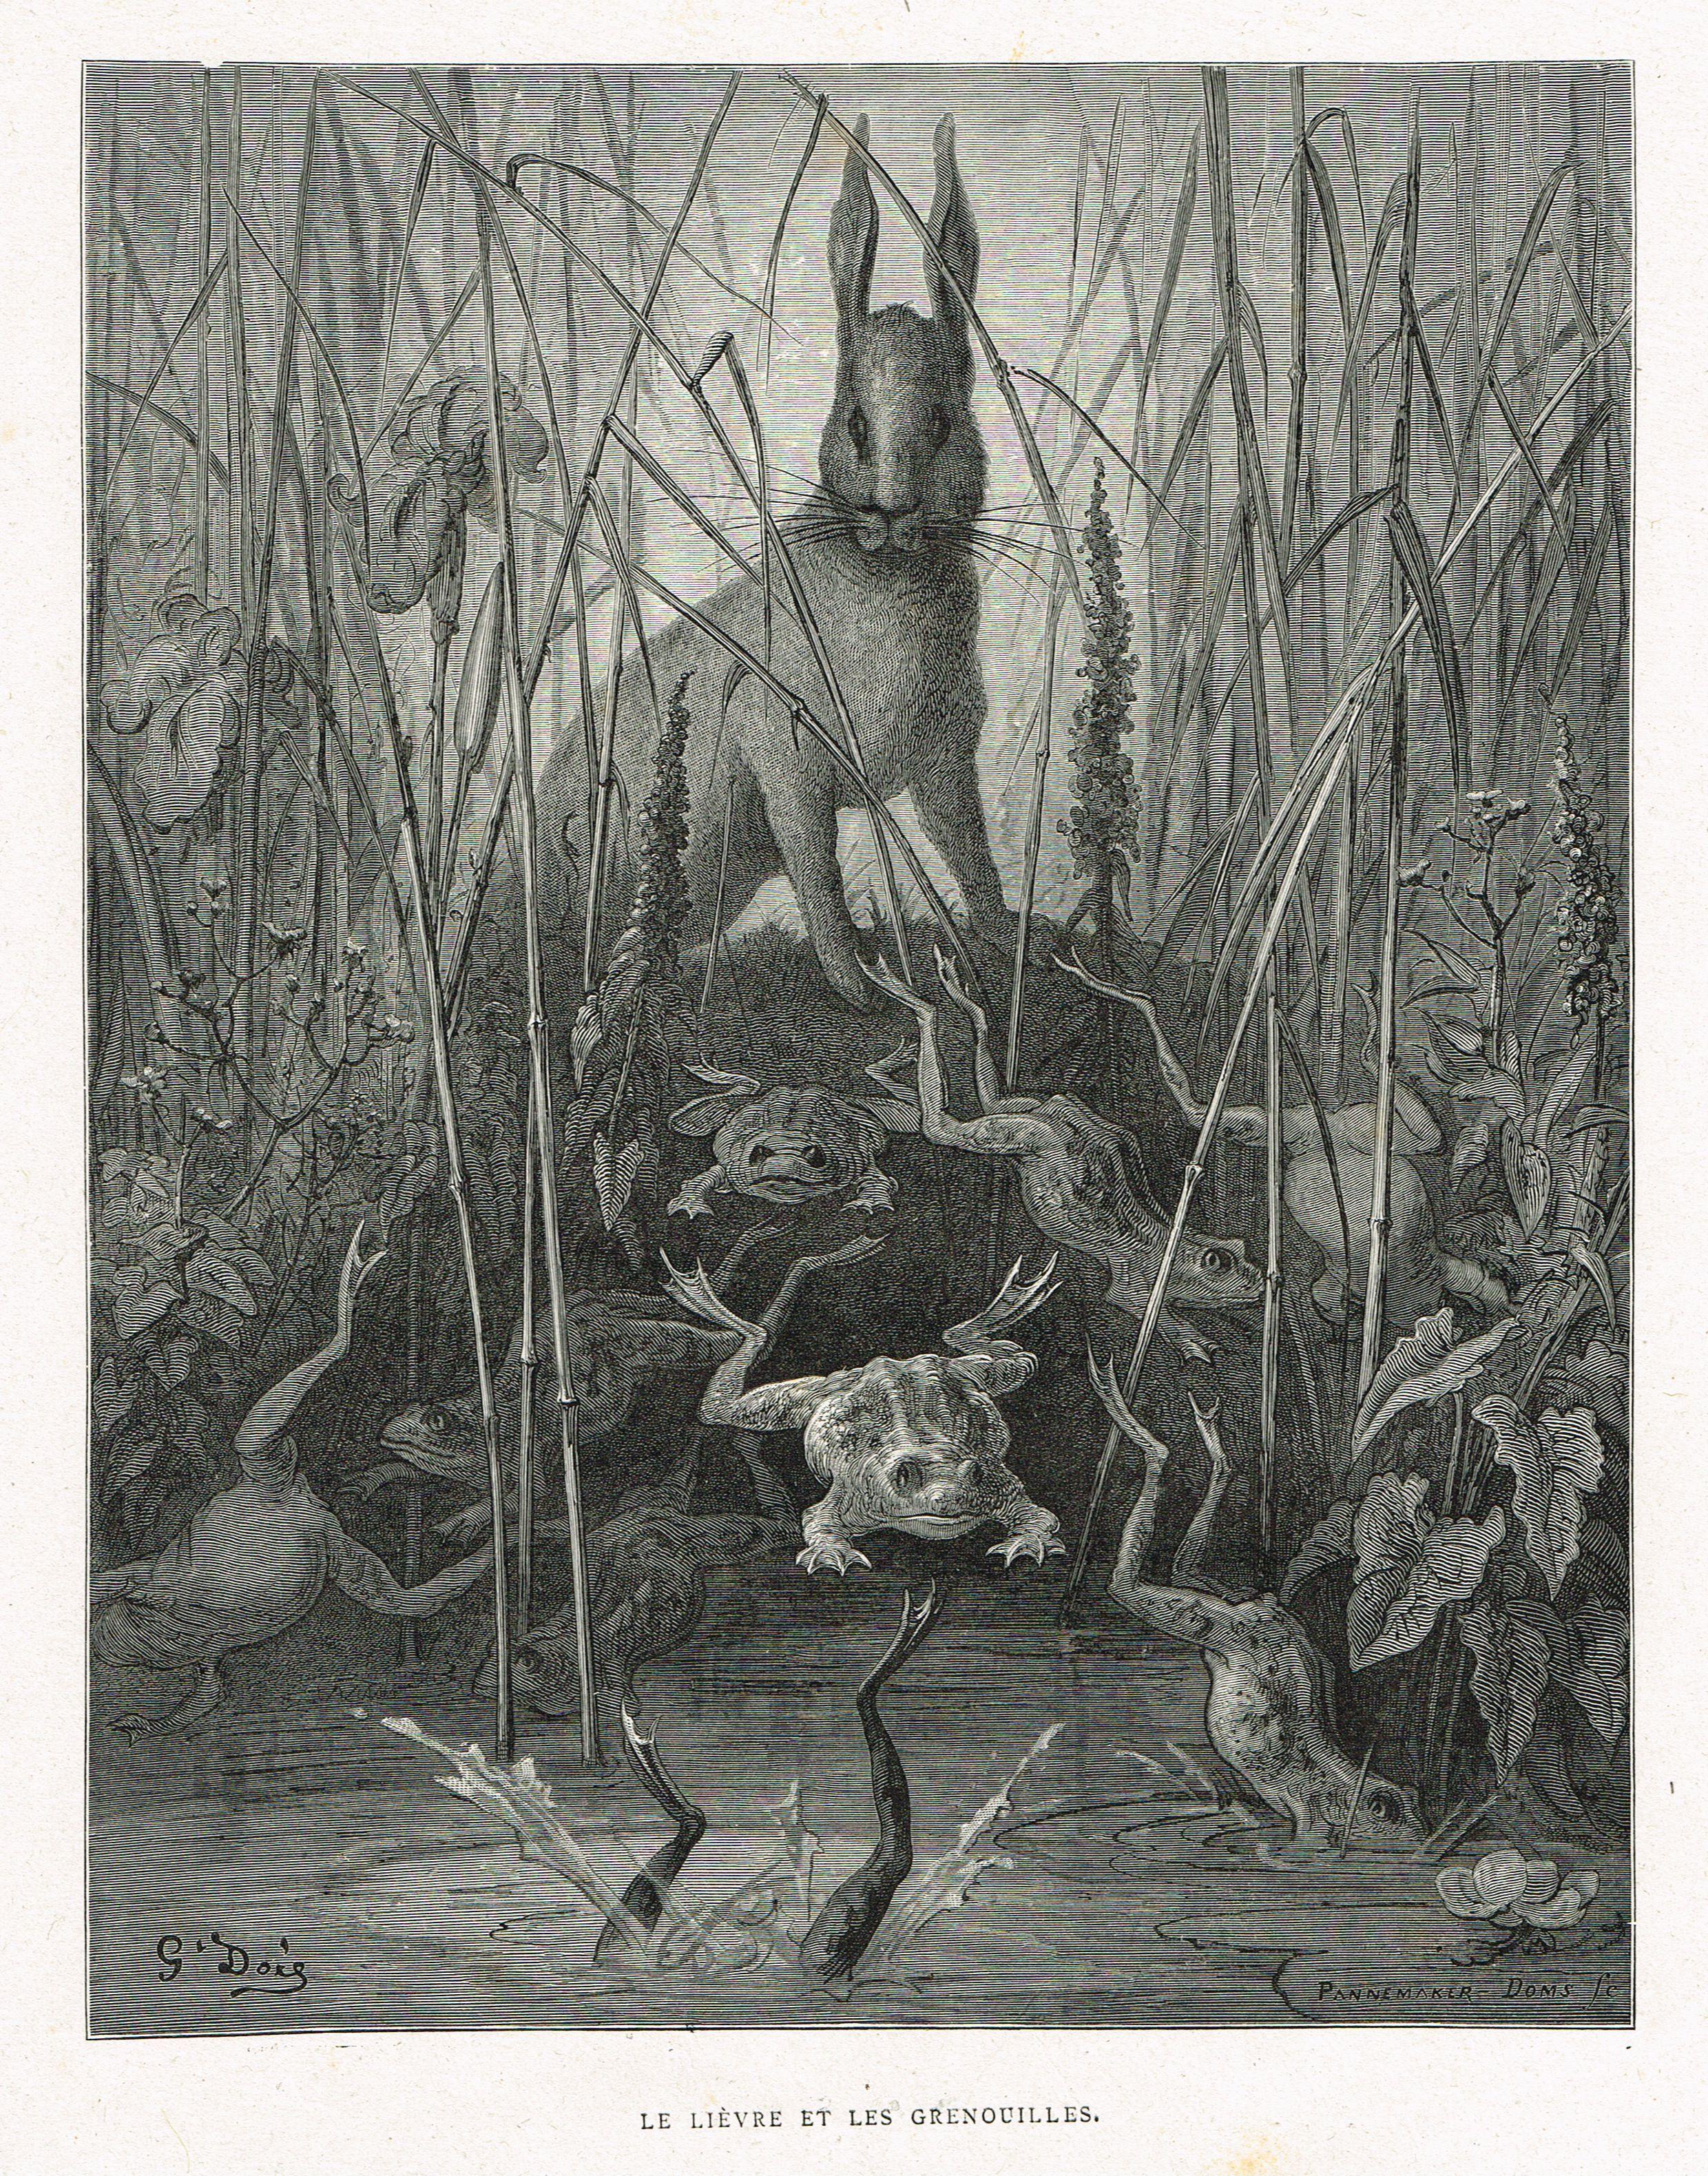 Le Lievre Et Les Grenouilles Fable De Jean De La Fontaine Illustree Par Gustave Dore Mas Estampes Anciennes Mas Antique Pr Gustave Dore Fairytale Art Art